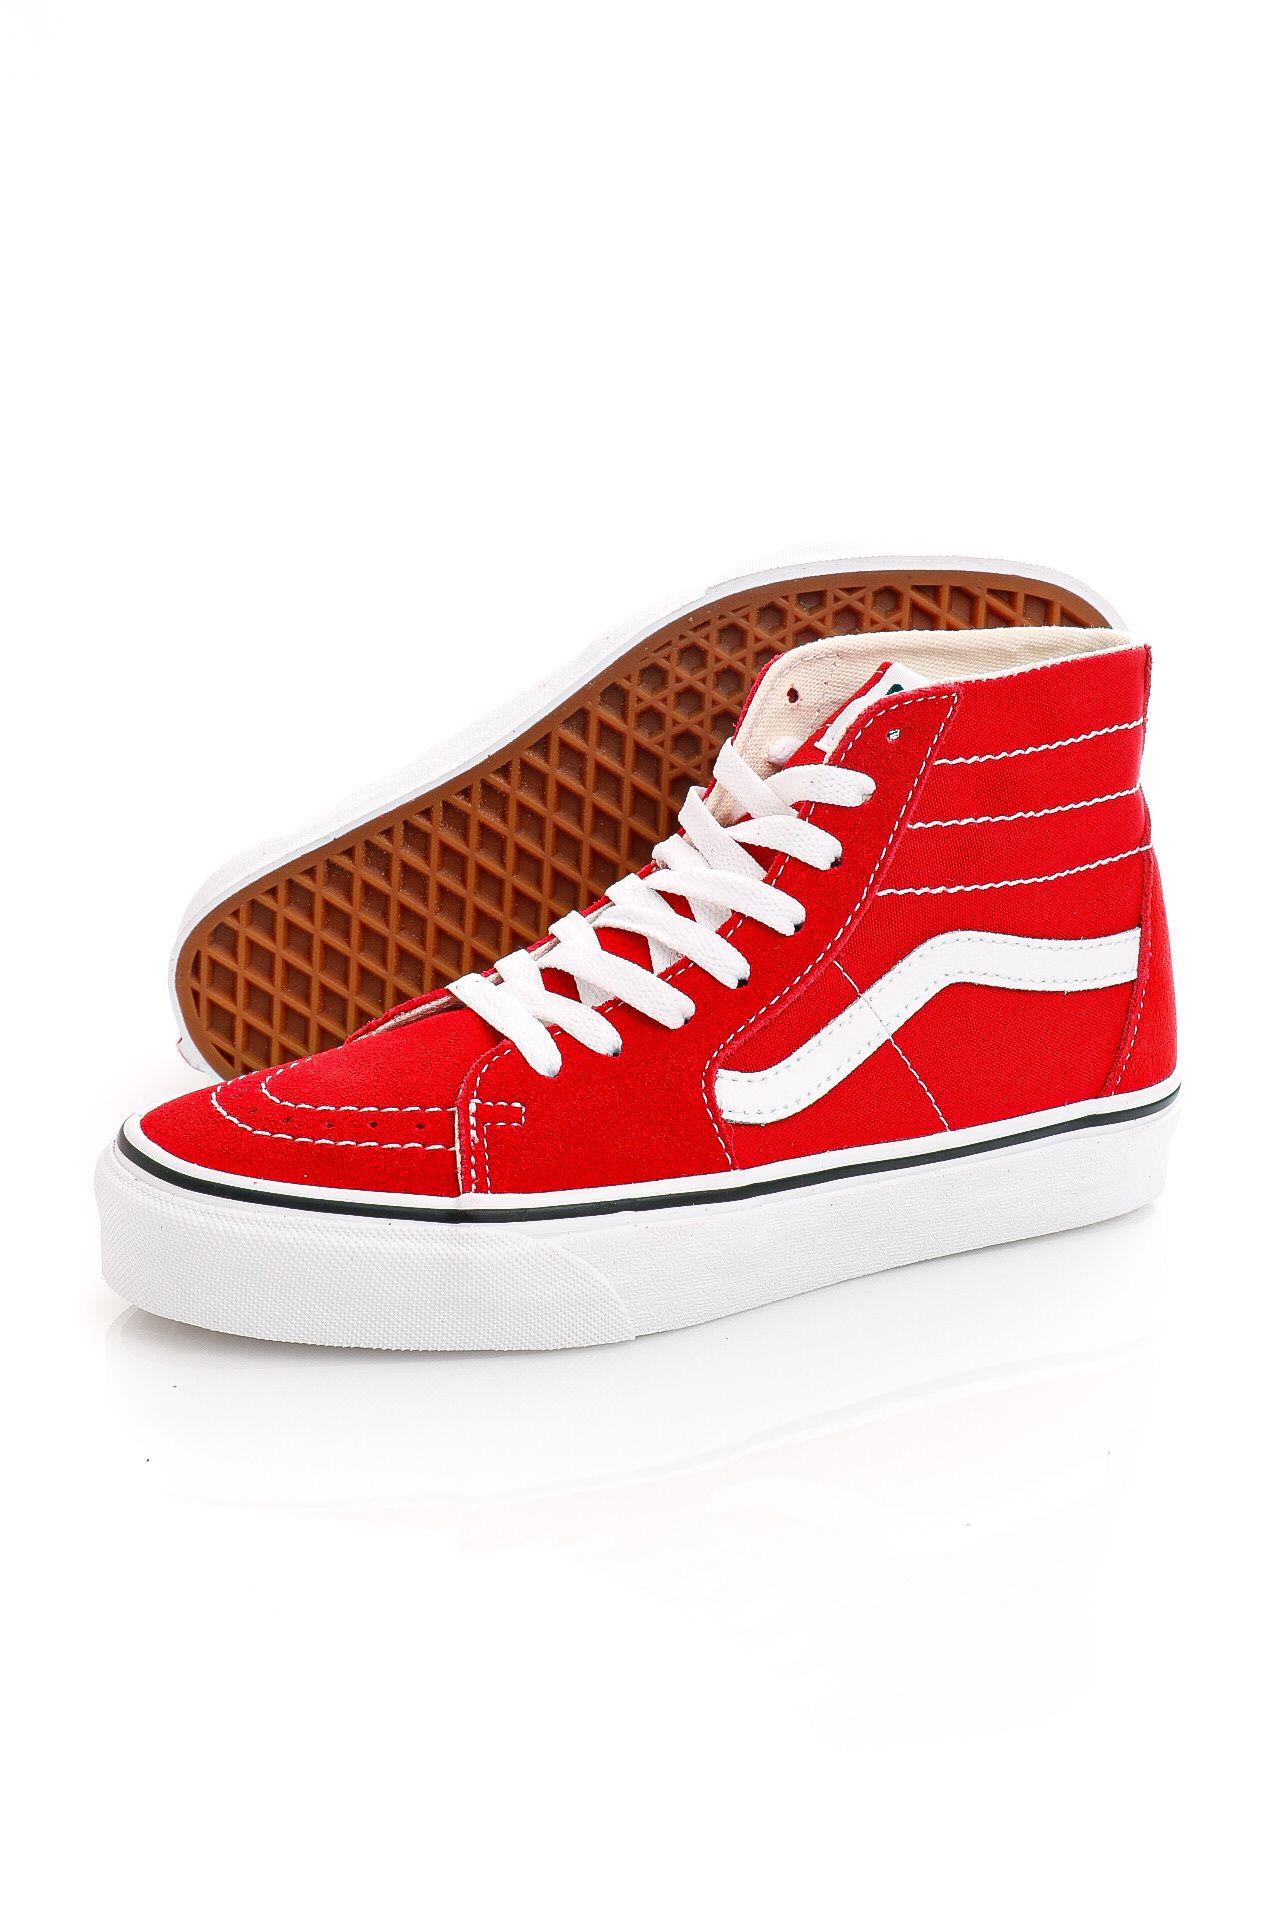 Afbeelding van Vans Sneakers UA SK8-Hi Tapered Racing Red/True White VN0A4U16JV61